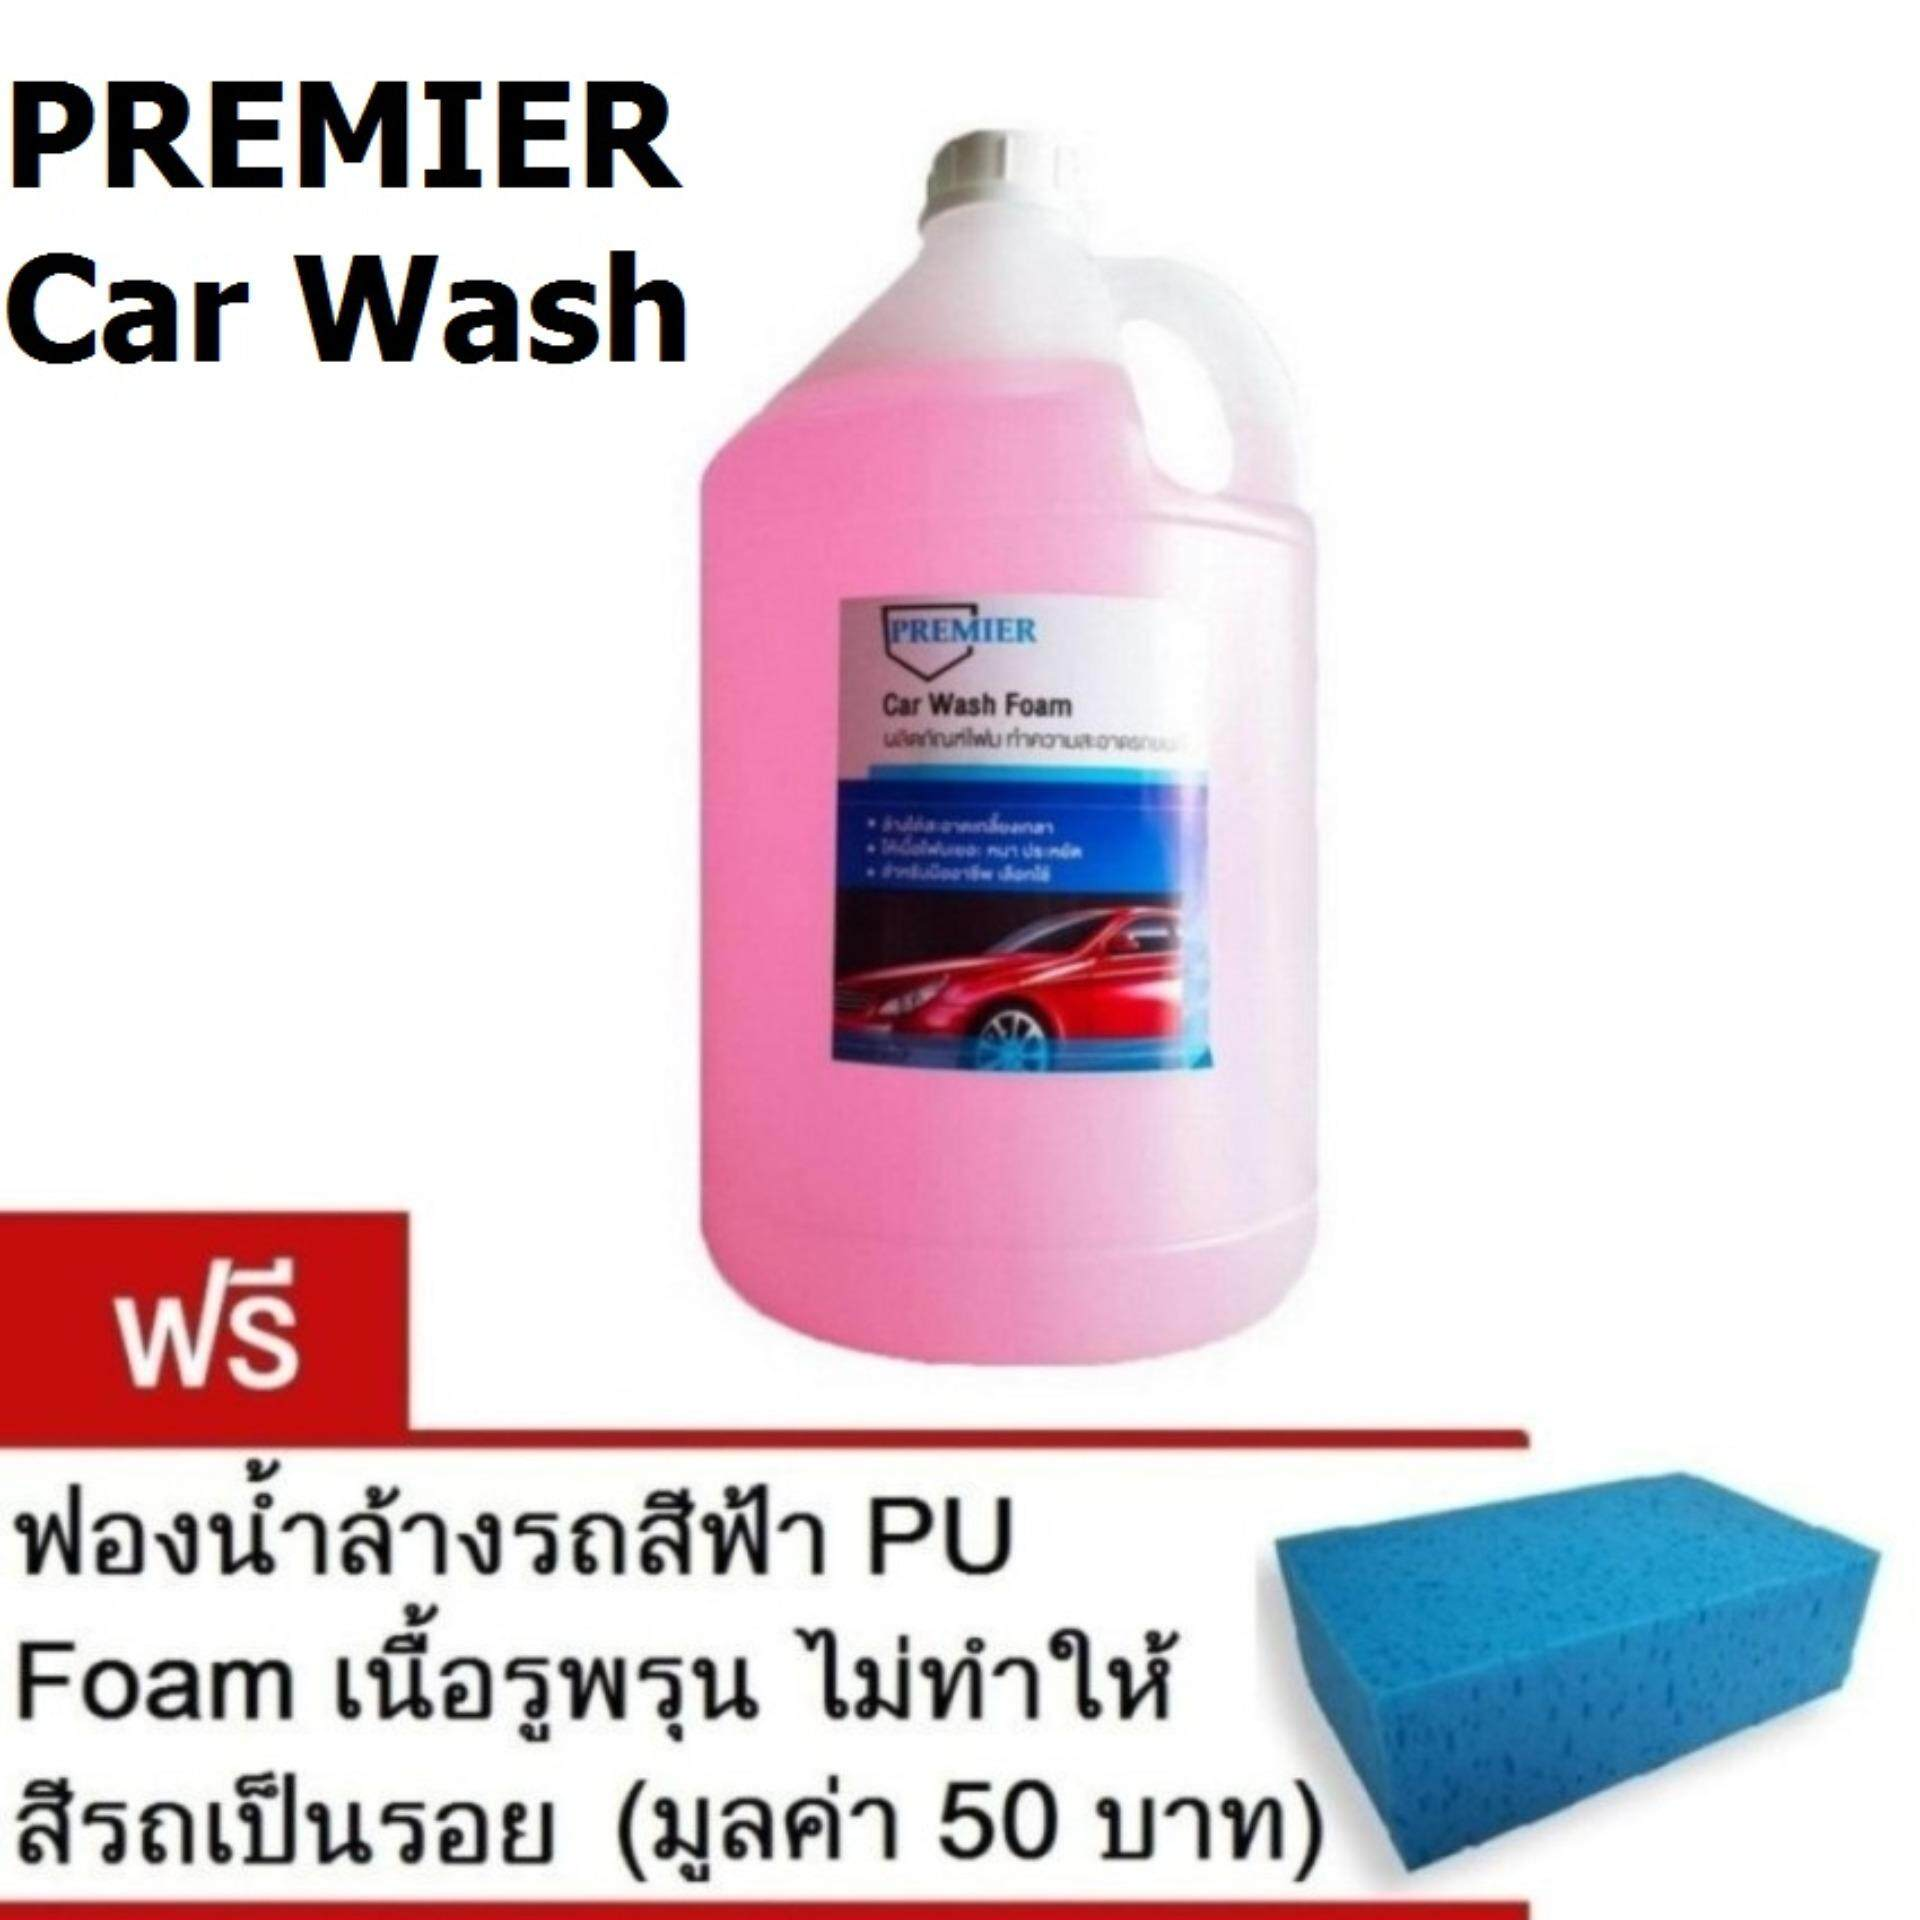 ขาย โฟมล้างรถสูตรเข้มข้น ขนาด 3 785 ลิตร Car Wash Foam Shampoo Concentrate Itp ออนไลน์